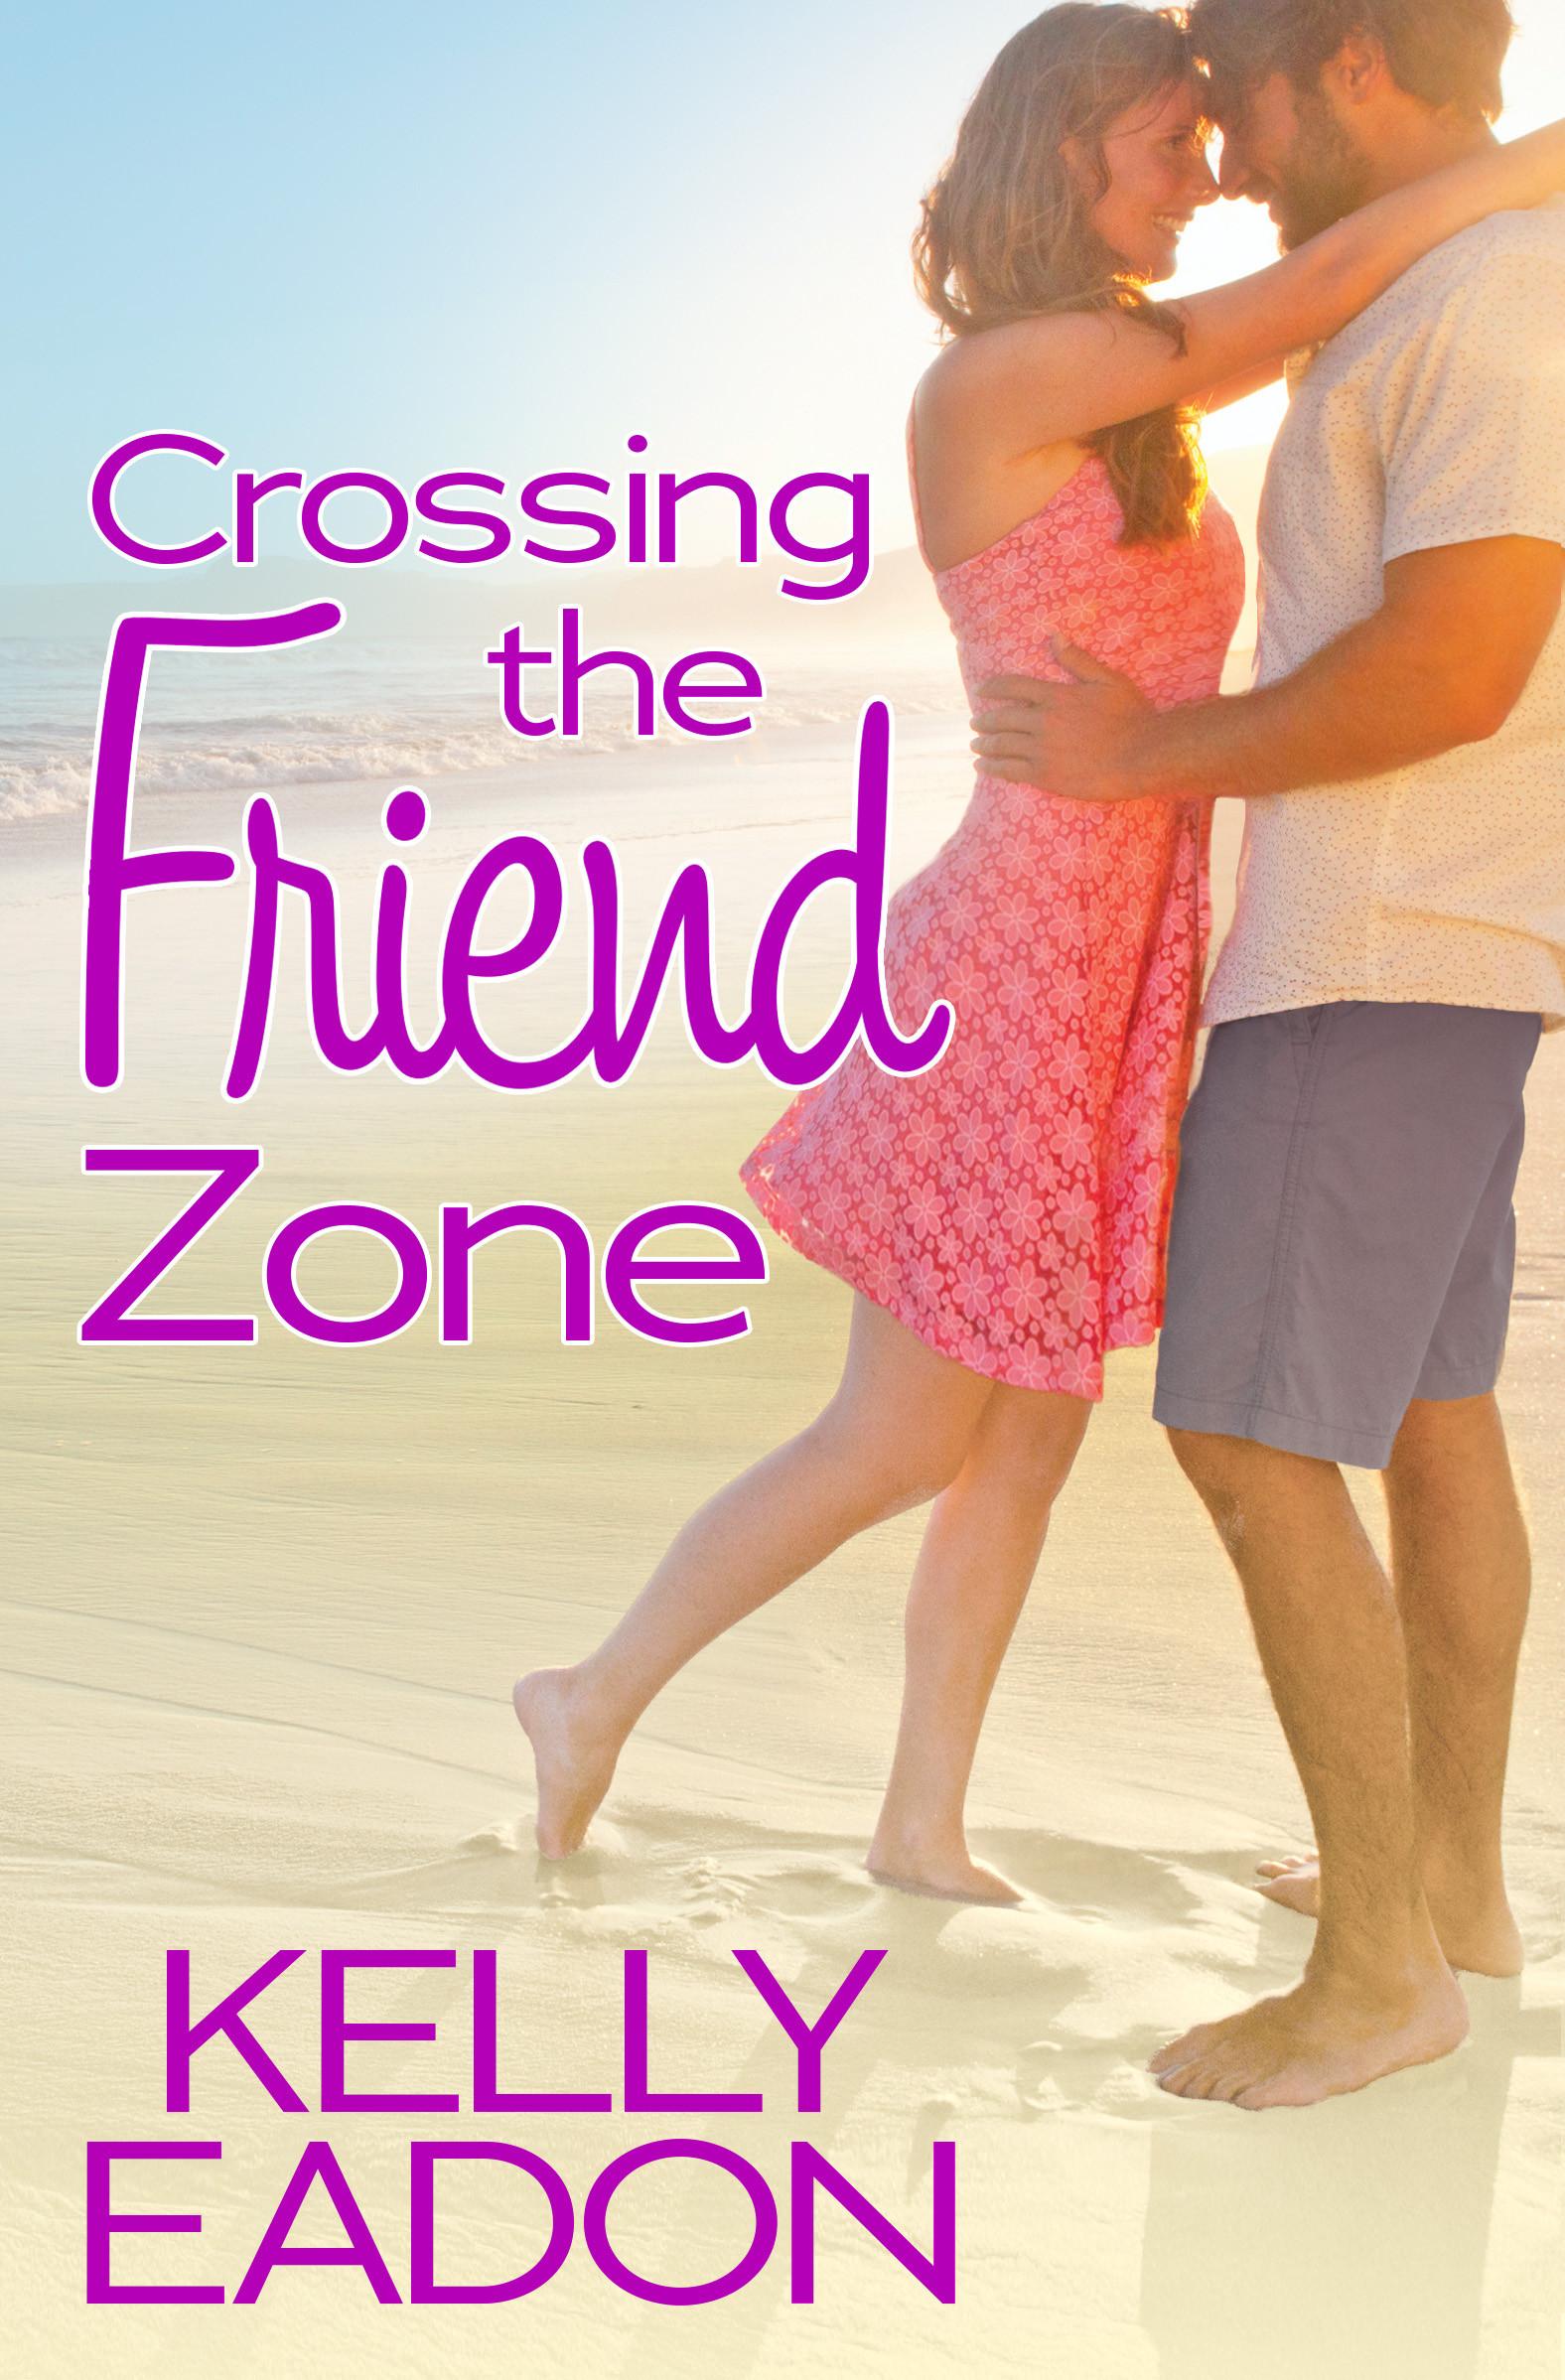 Crossing the Friends Zone by Kelly Eadon